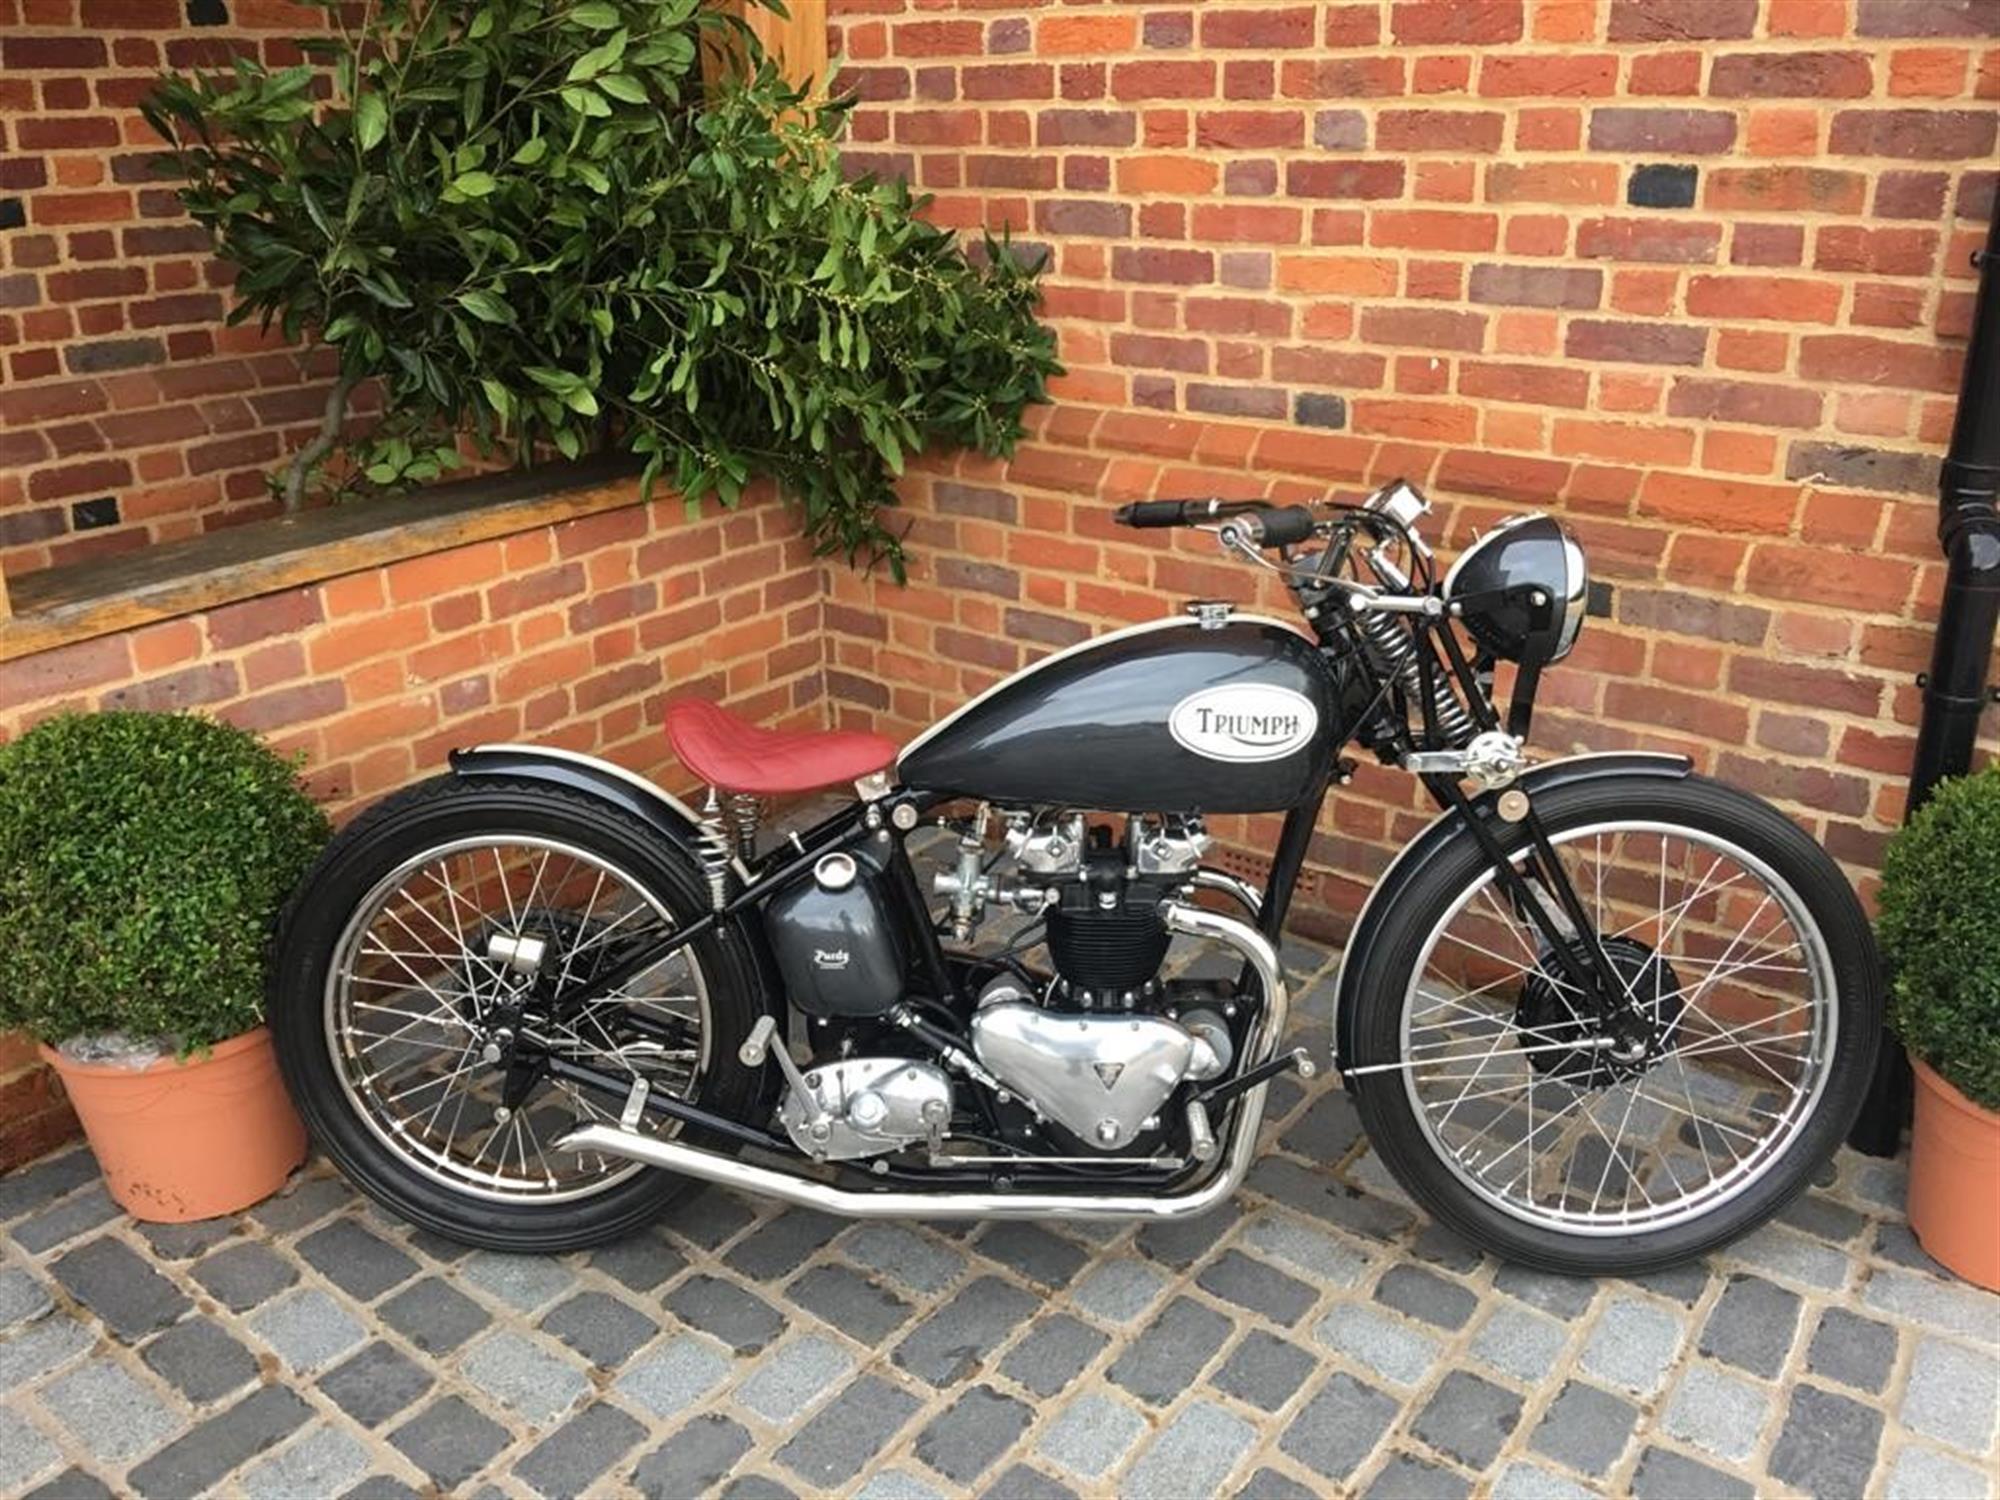 1952 Purdy Triumph 500